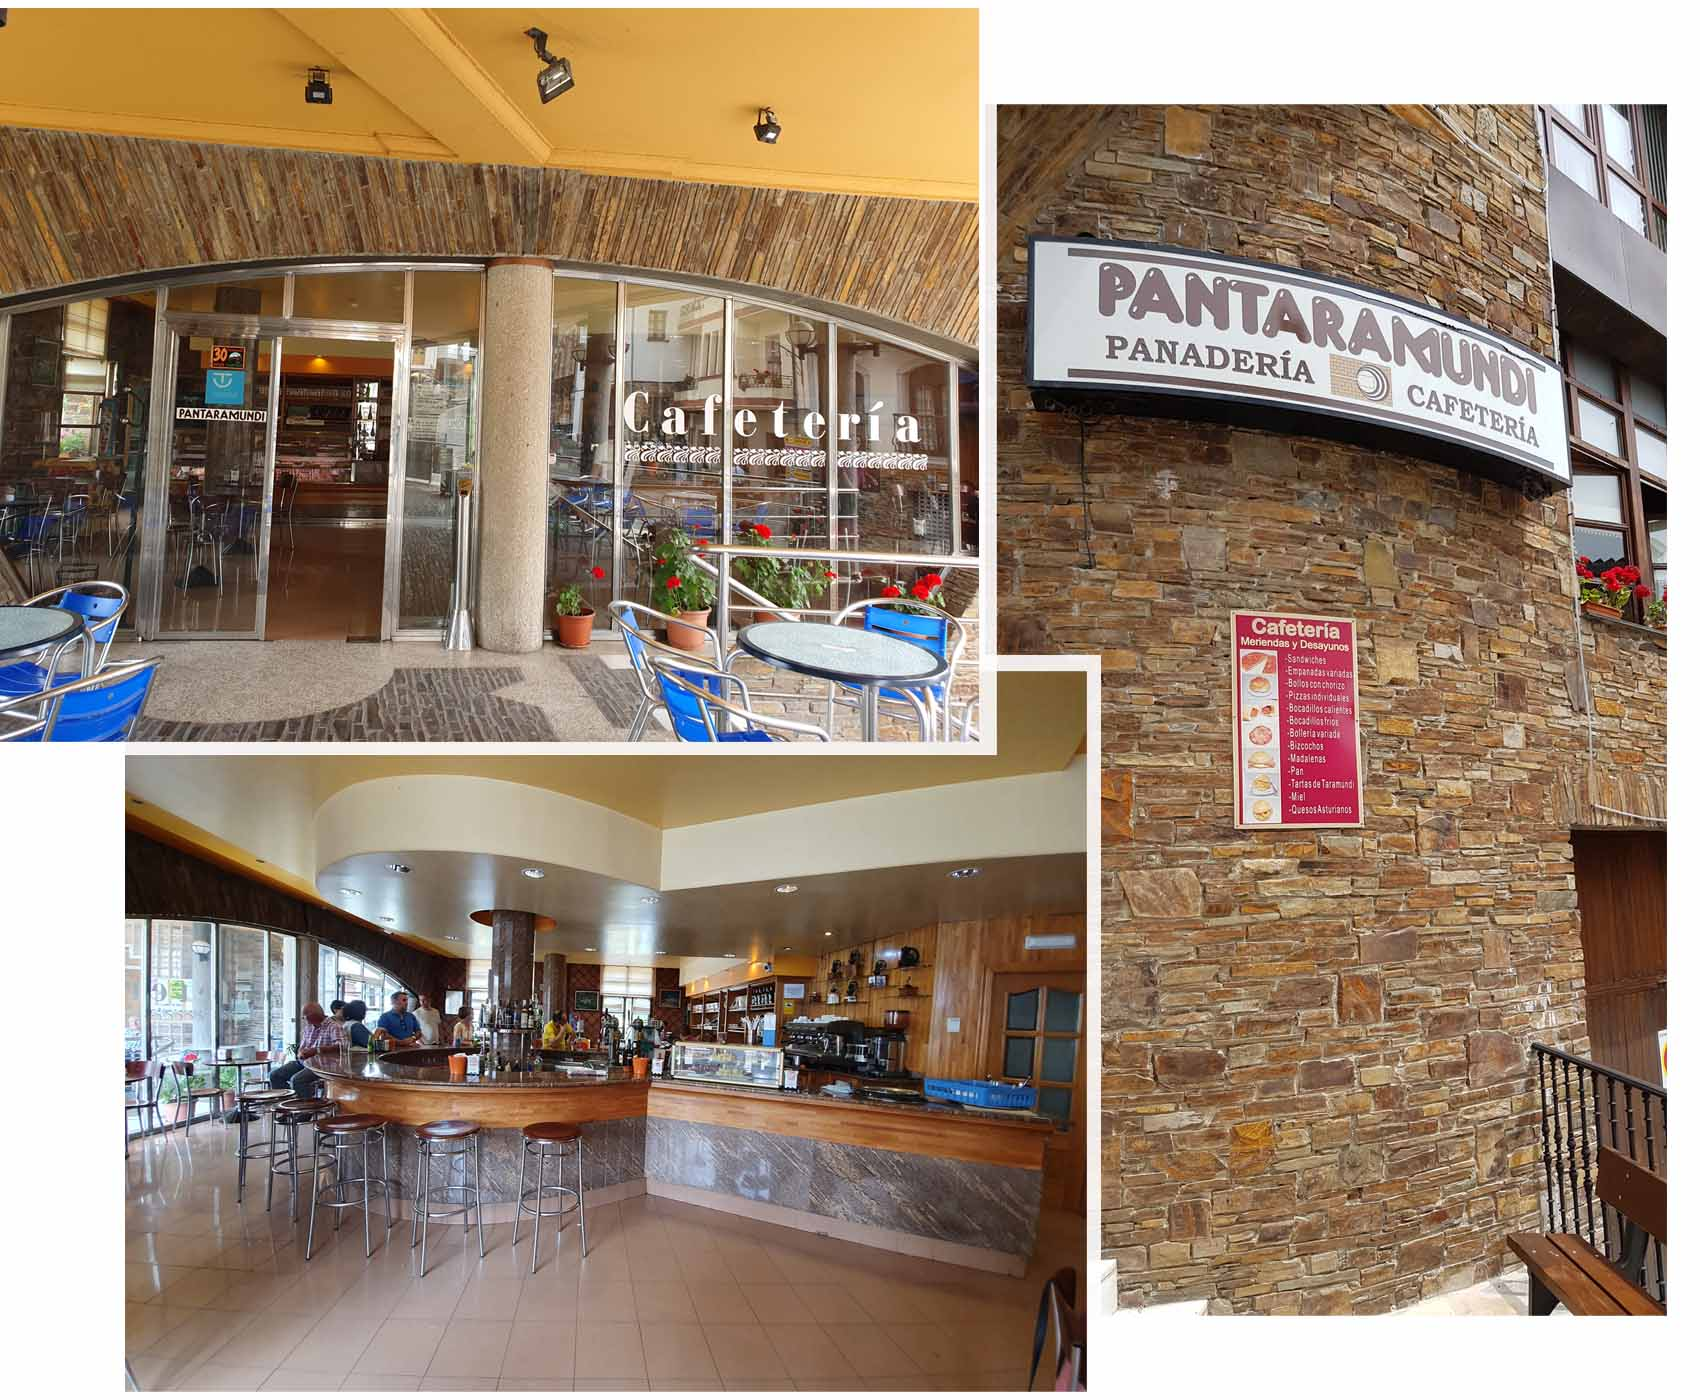 Largest Cafeteria in Taramundi Town